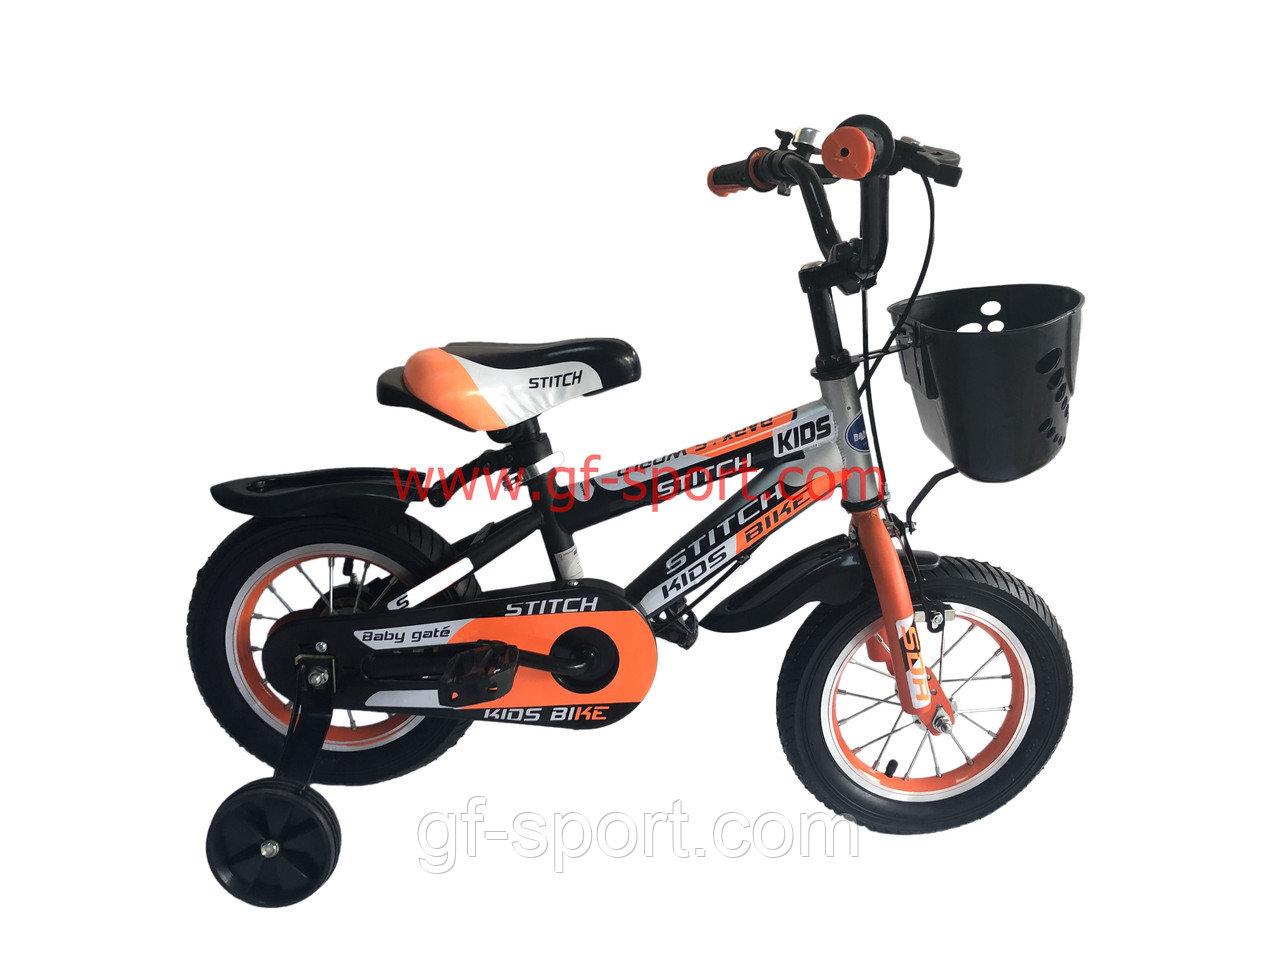 Велосипед Stitch оранжевый оригинал детский с холостым ходом 12 размер